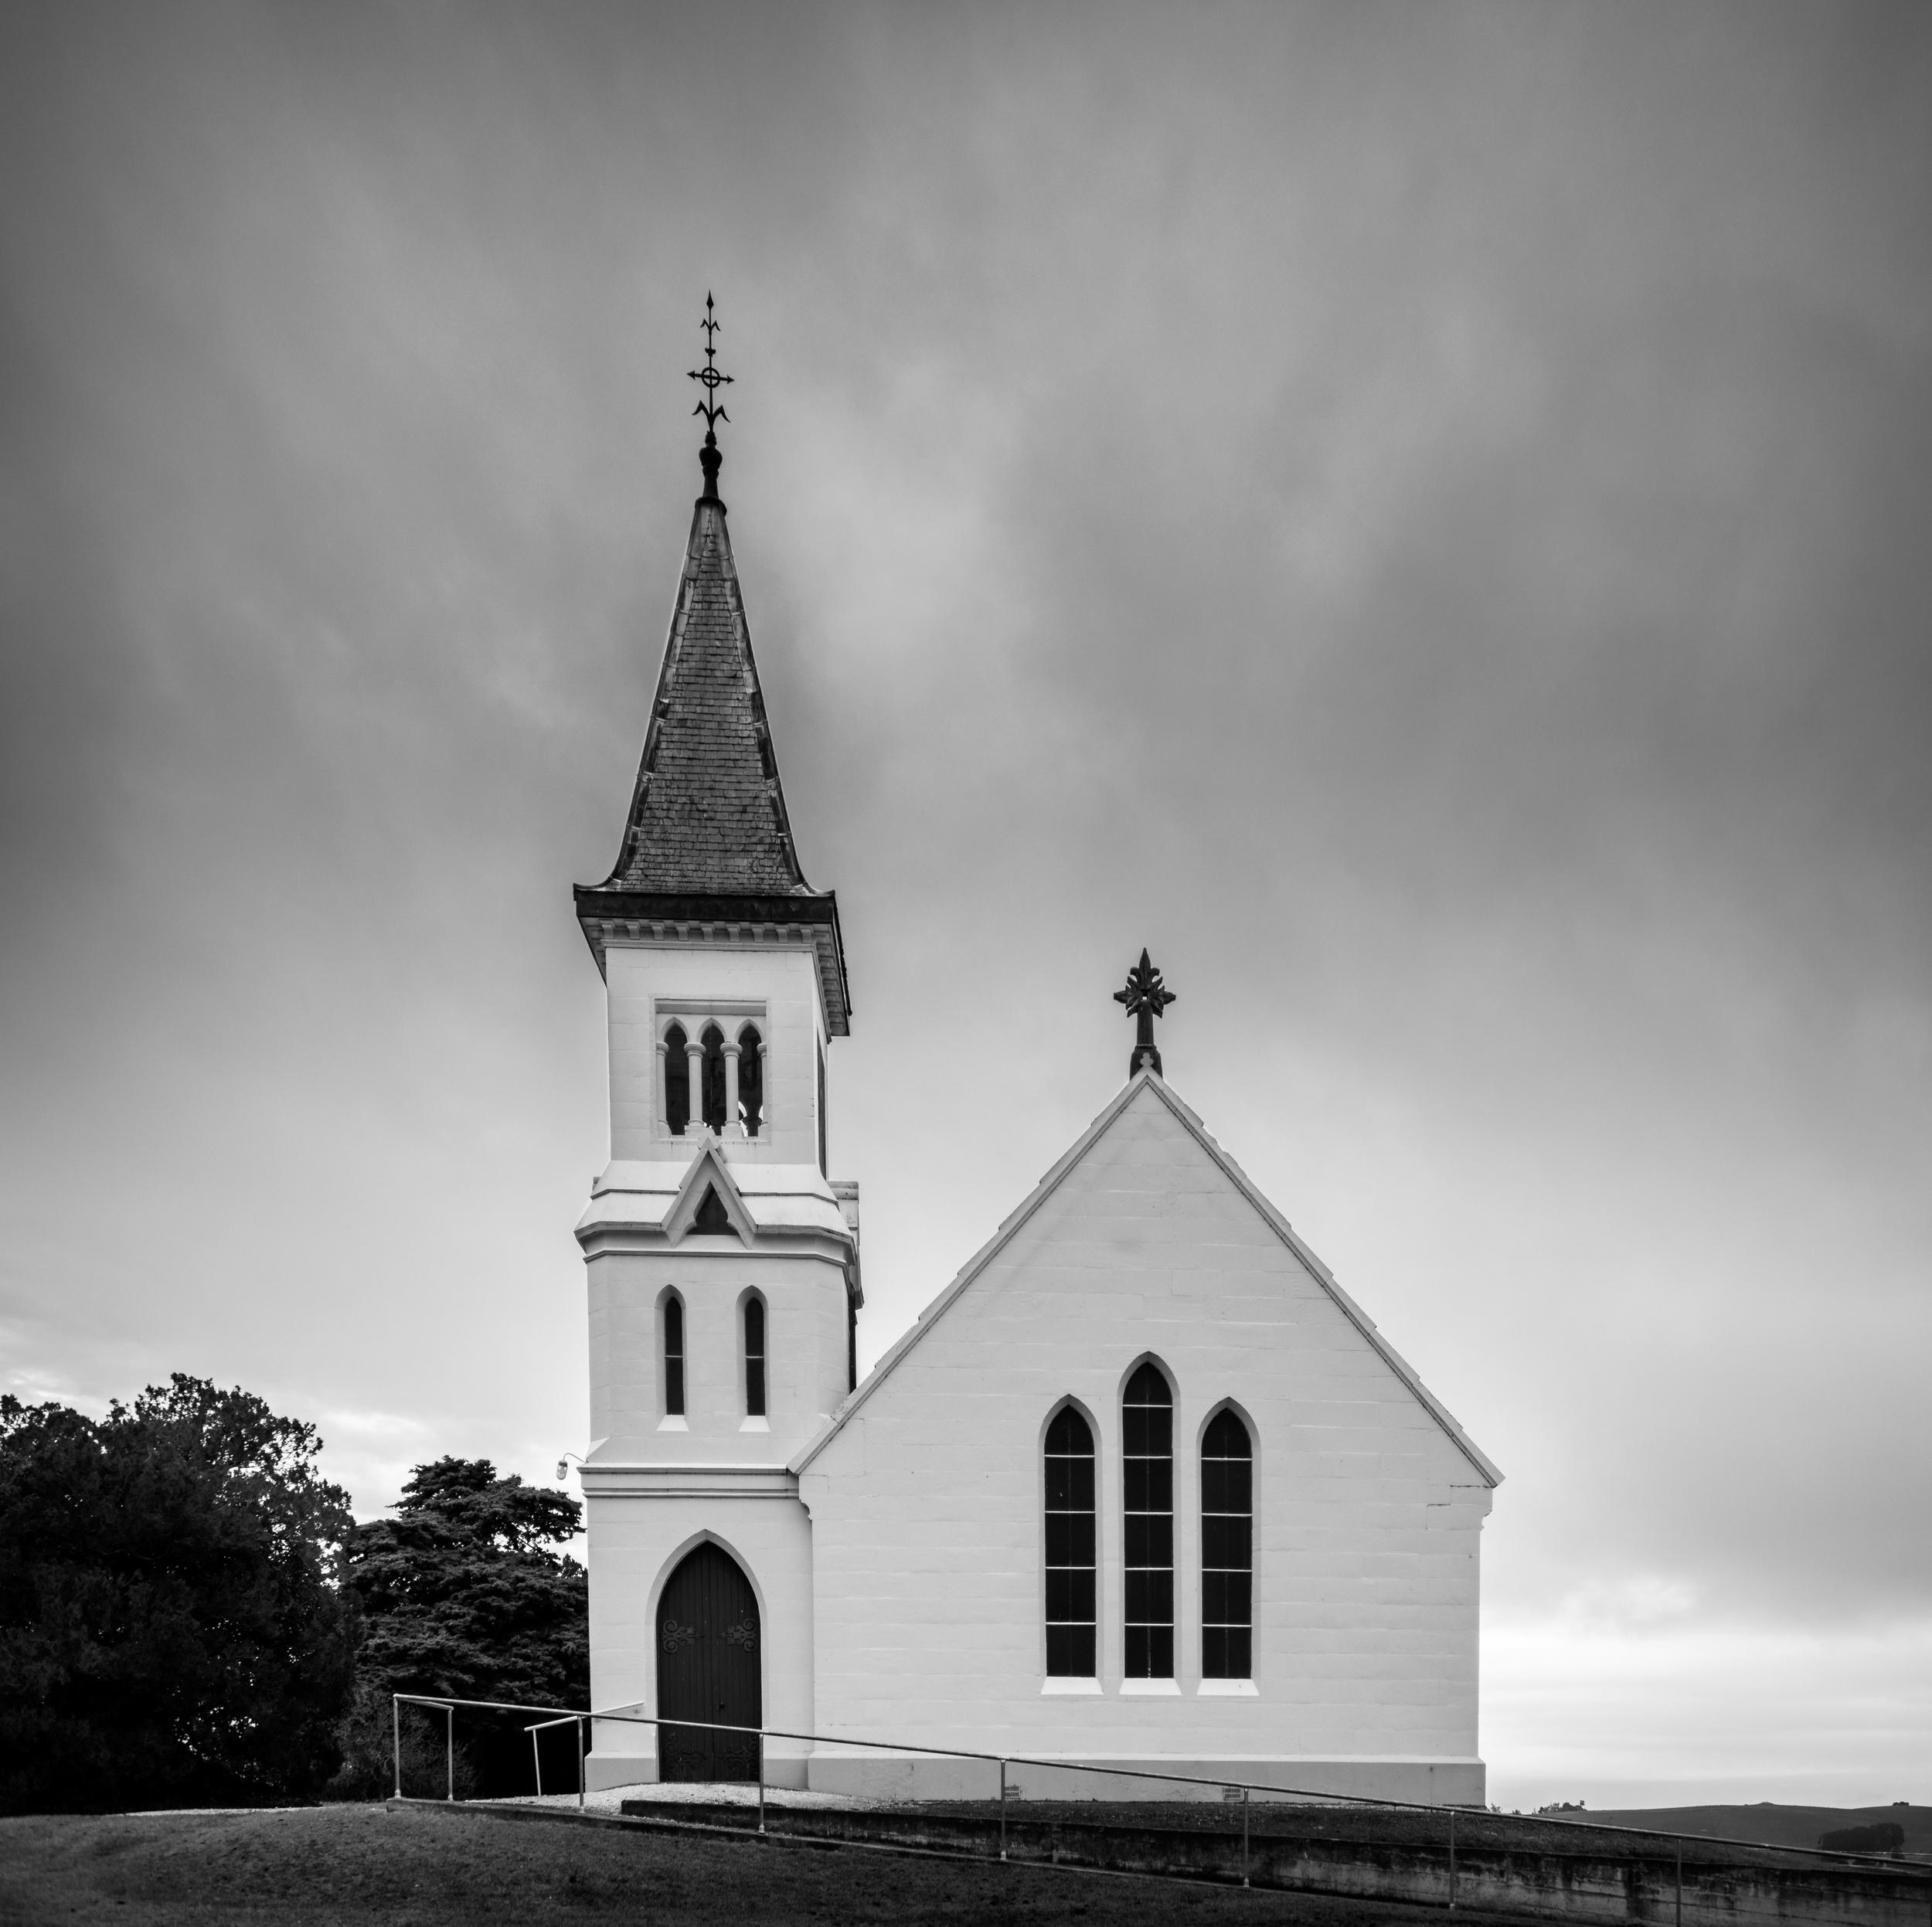 Enfield Church